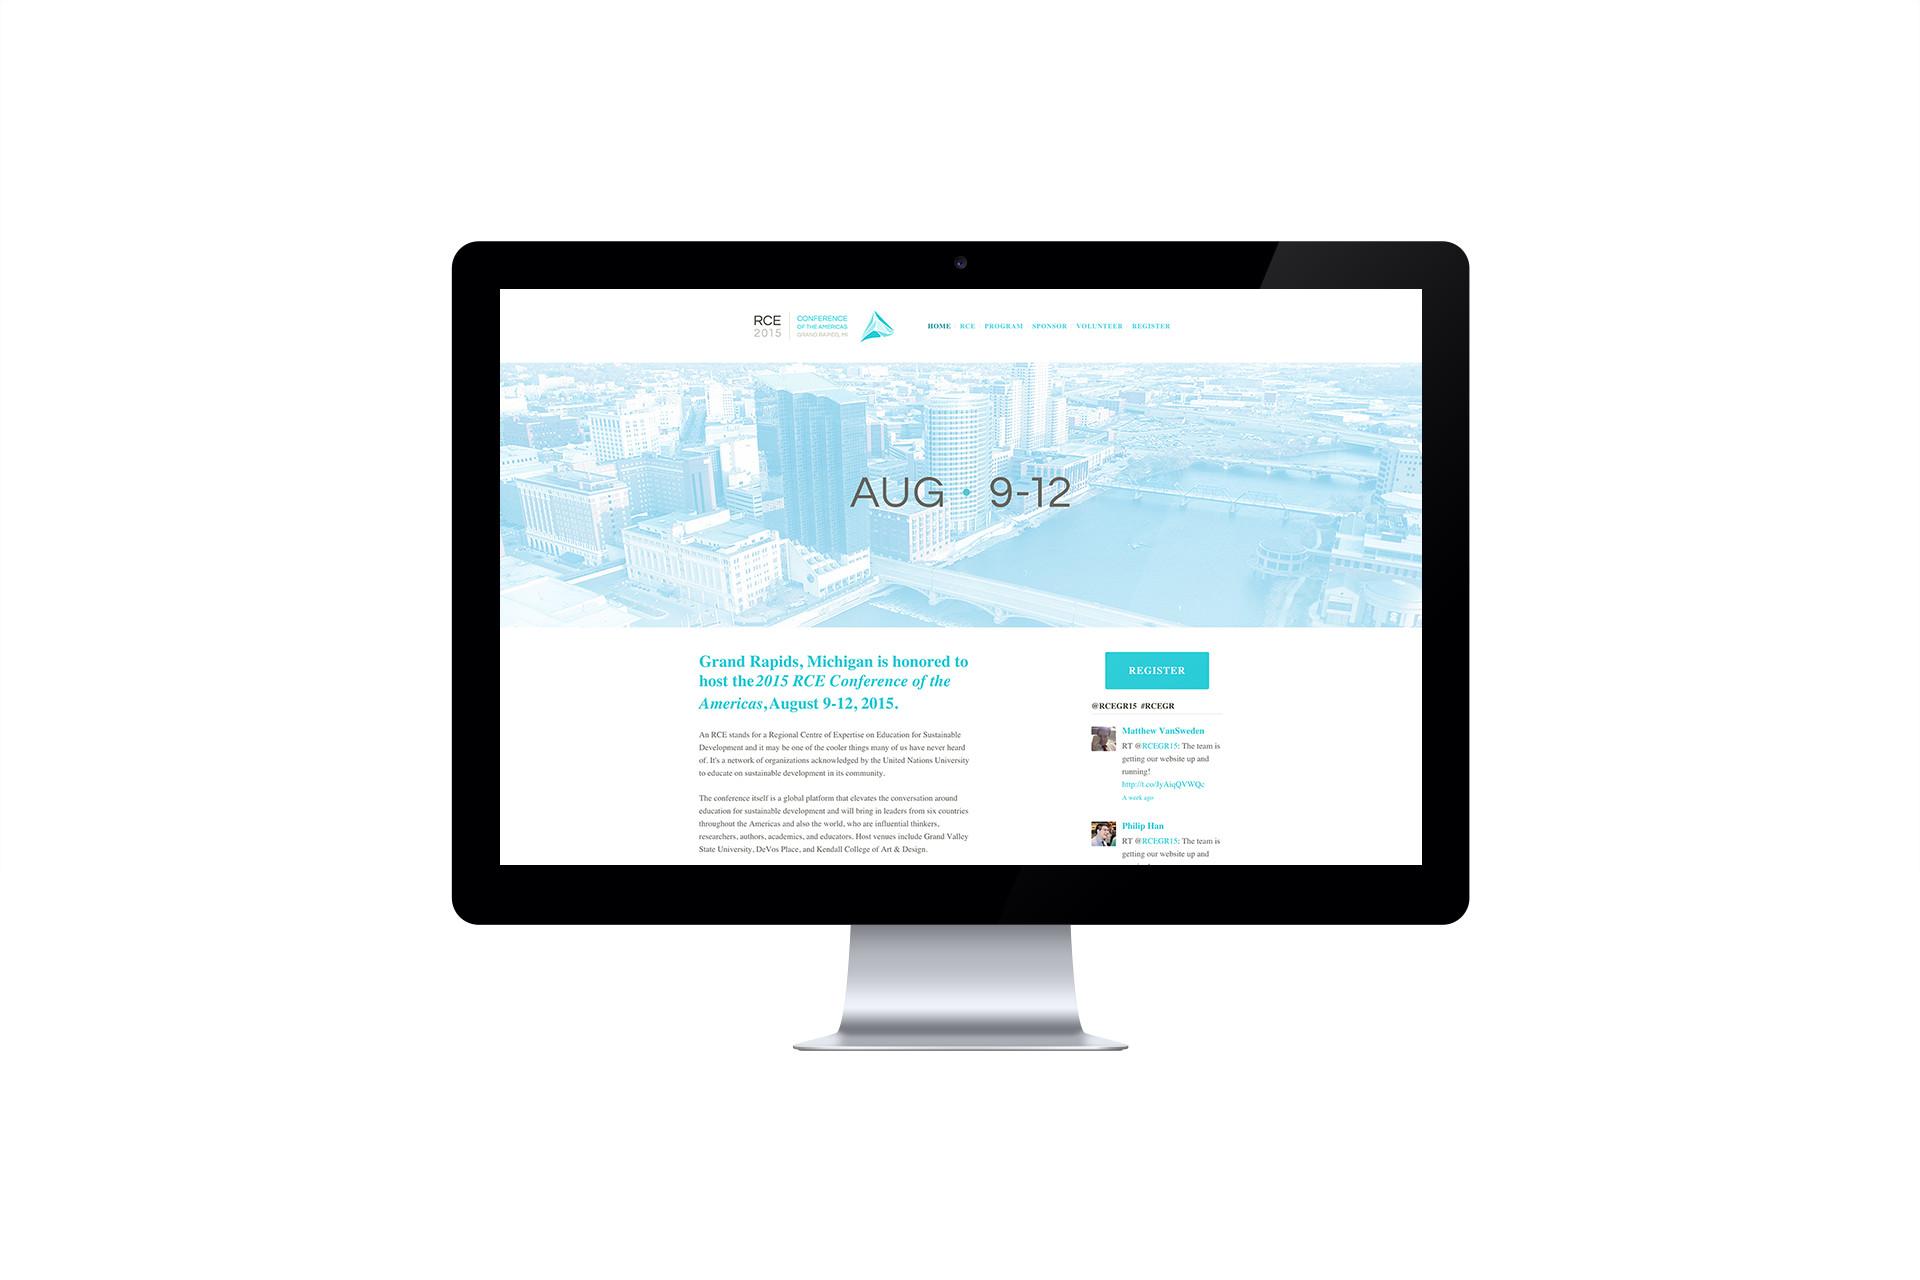 RCE_Website